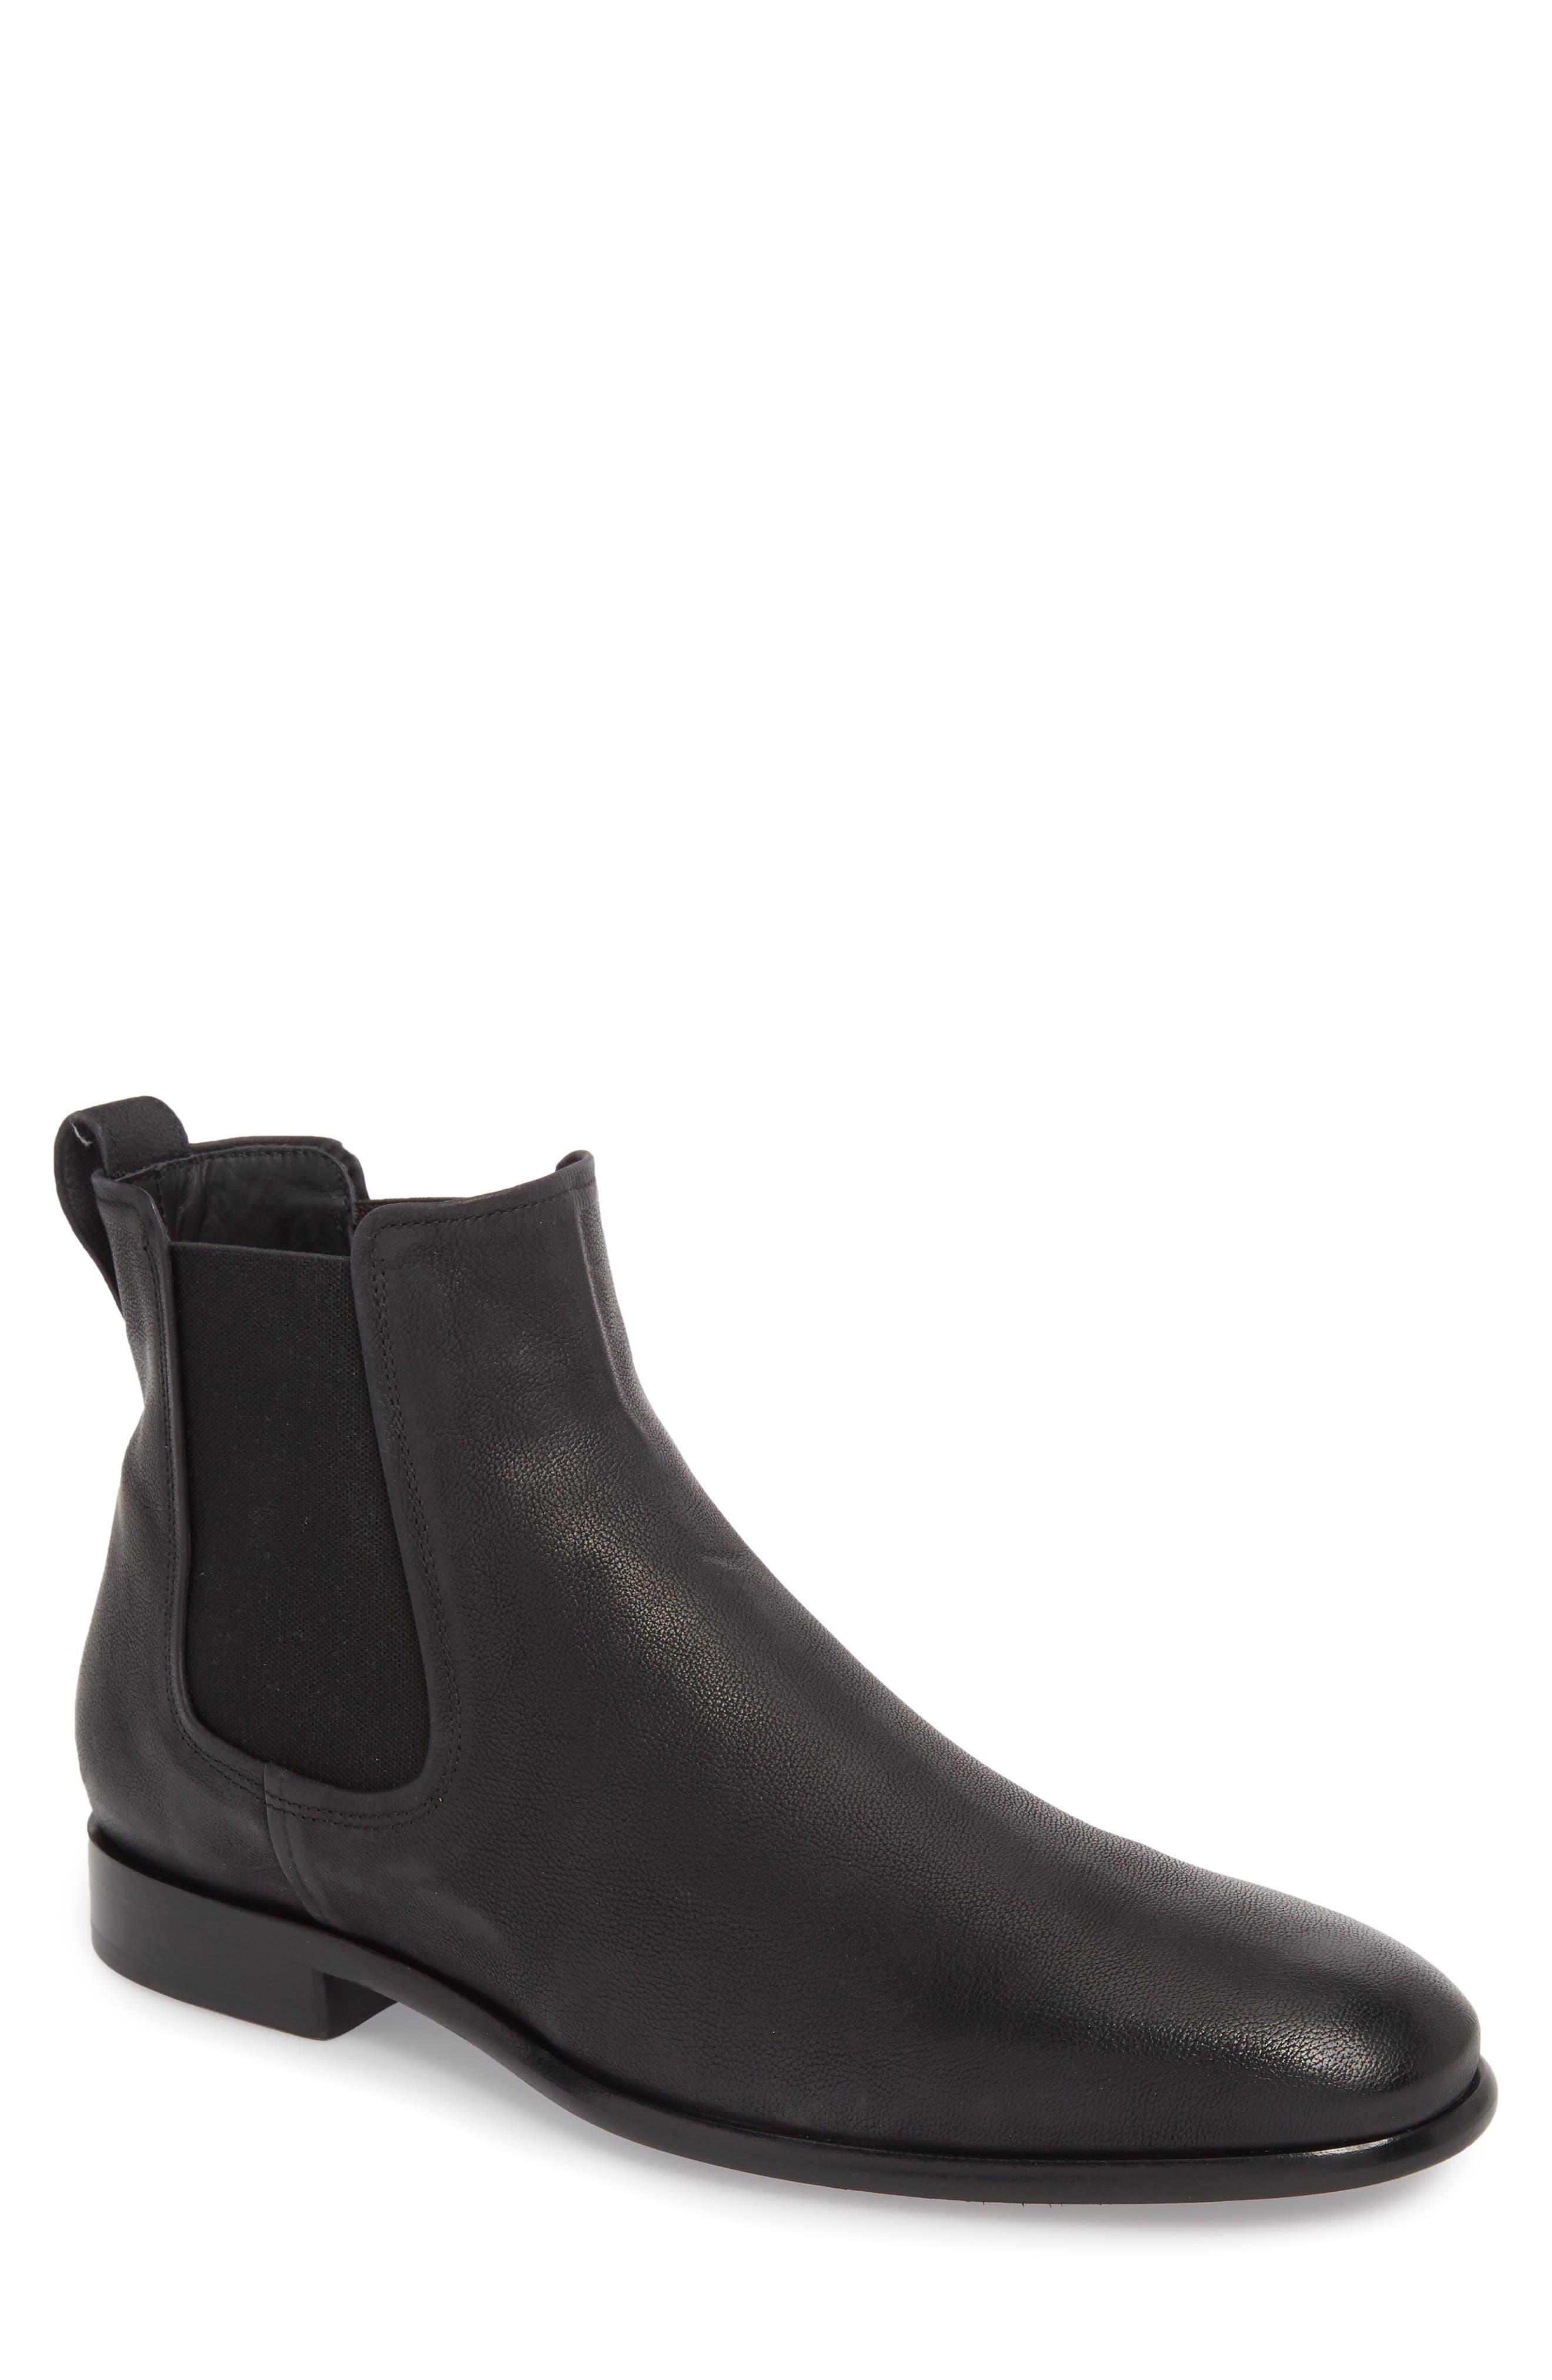 Aldous Chelsea Boot,                         Main,                         color, BLACK LEATHER